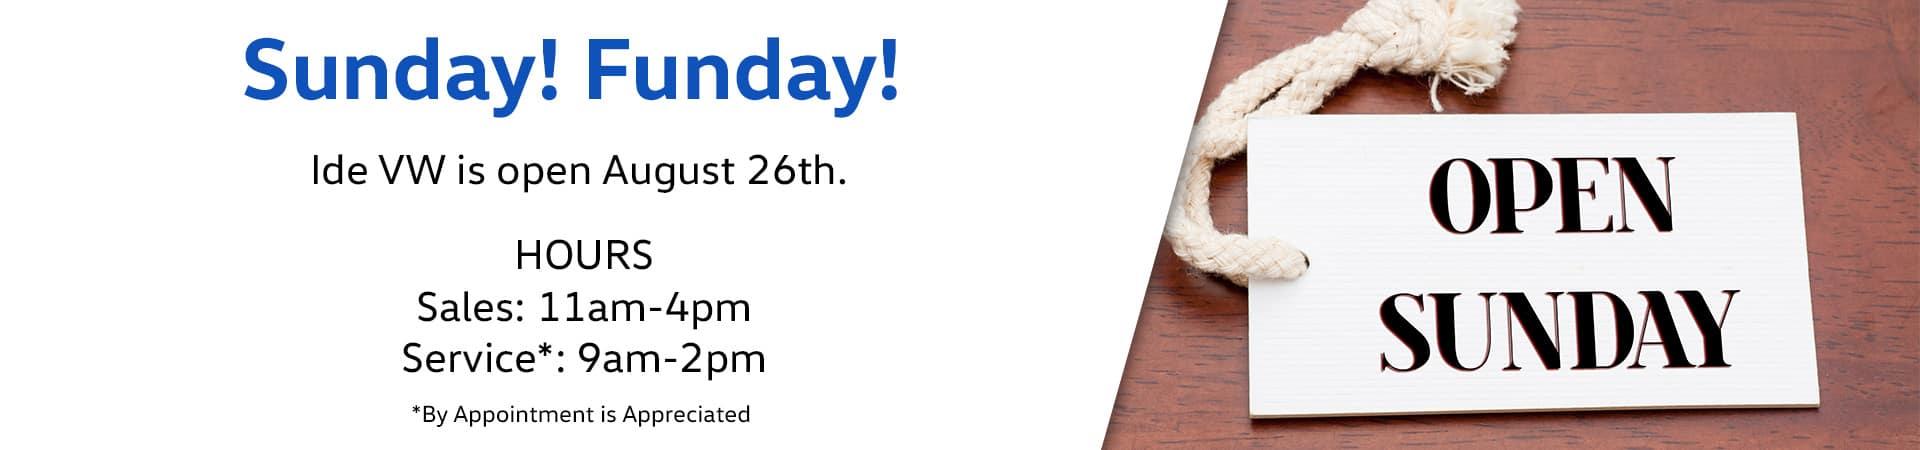 Dealerships Open On Sunday >> Vw Open On Sunday Rotator Ide Vw Of East Rochester Ide Family Of